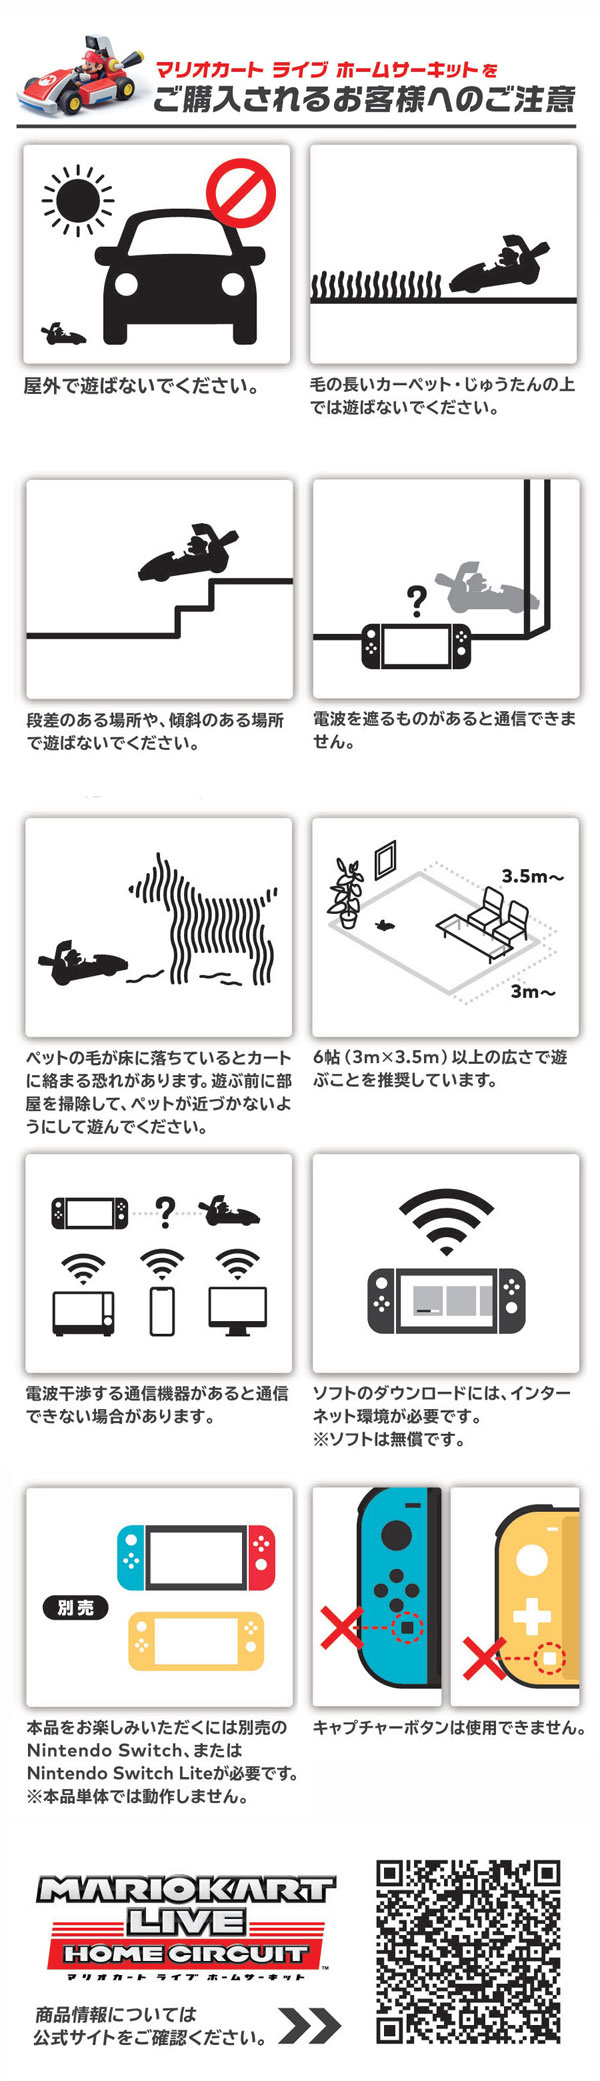 楽天ブックス: マリオカート ライブ ホームサーキット マリオセット ...